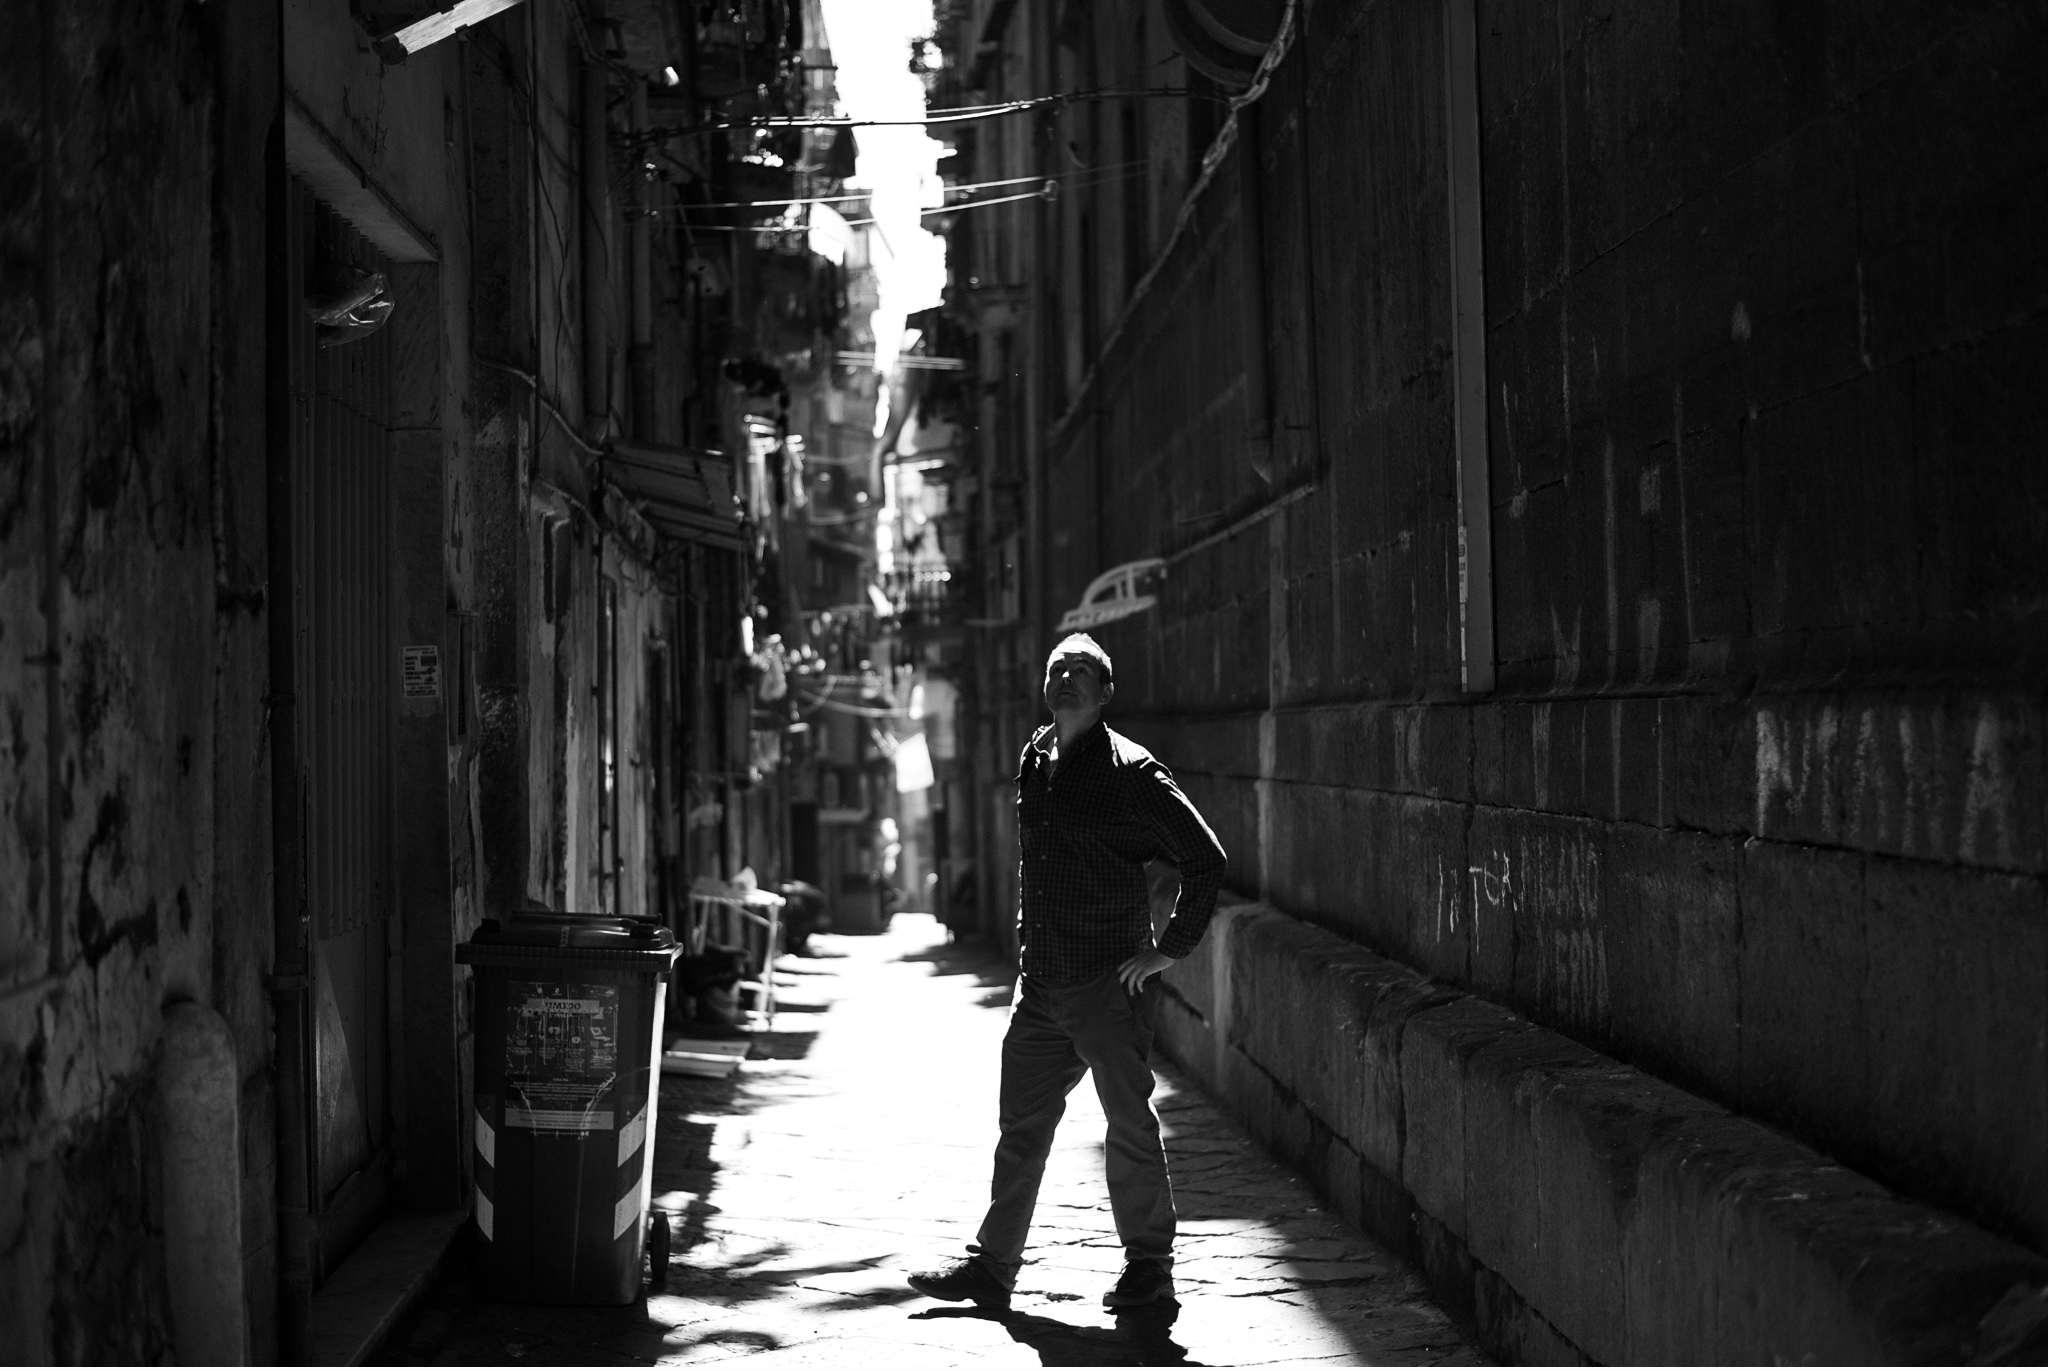 Interrail Reise - Italien Neapel - Geschichten von unterwegs - Foto Daniel Kempf-Seifried-44